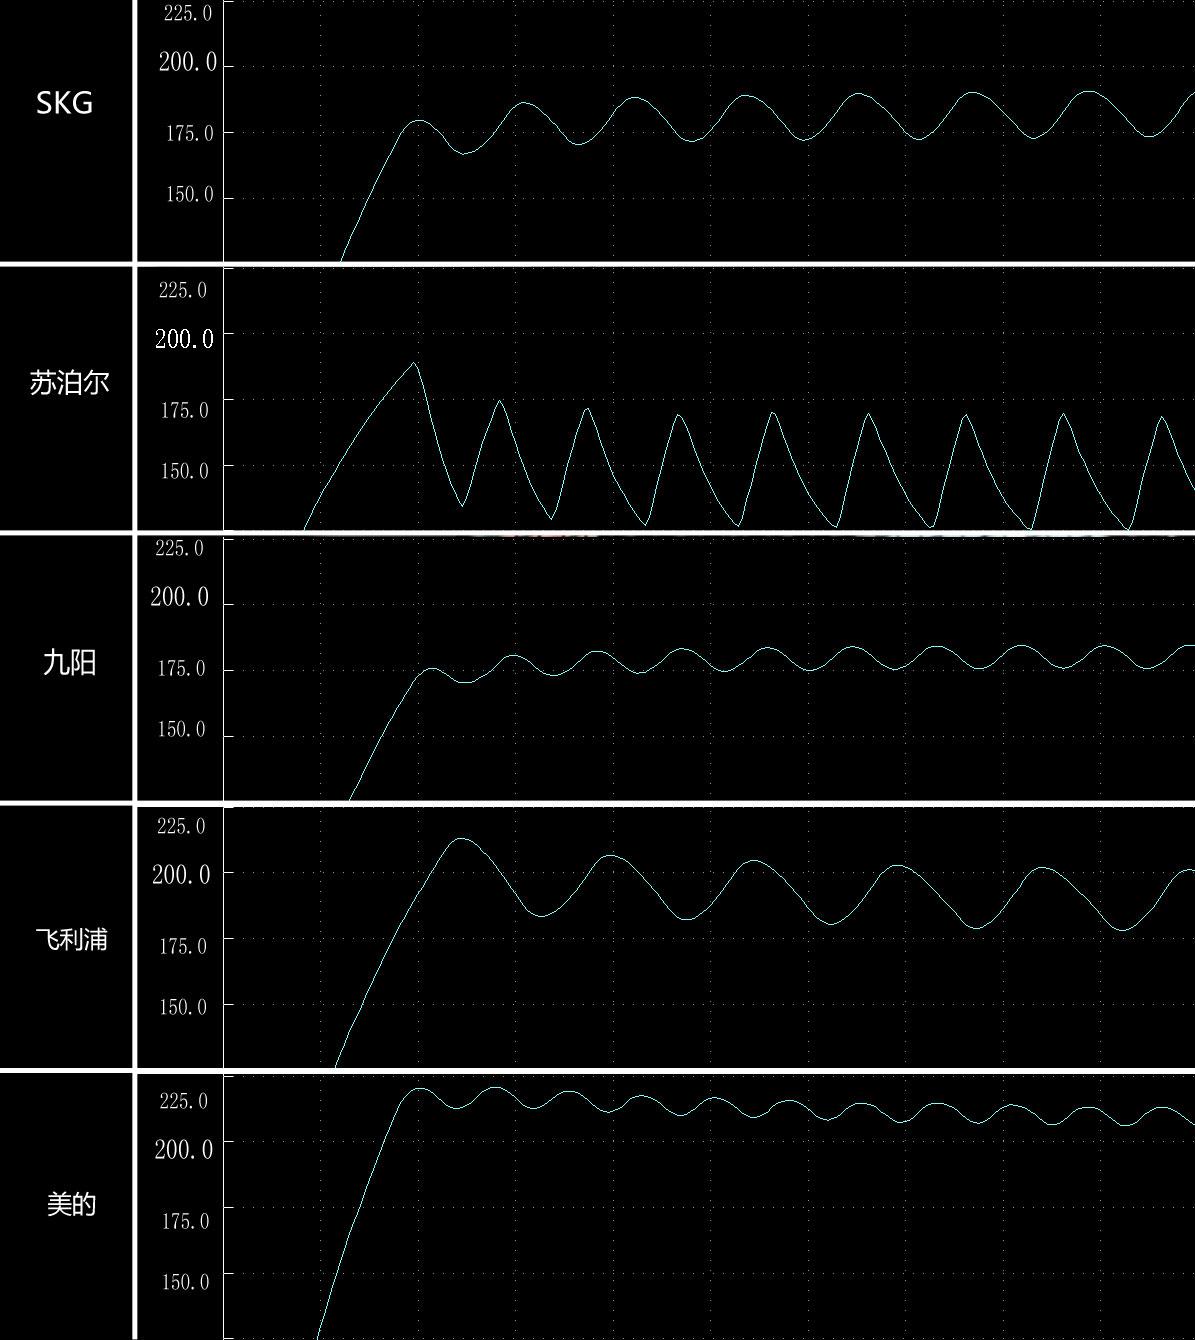 温度曲线对比.jpg